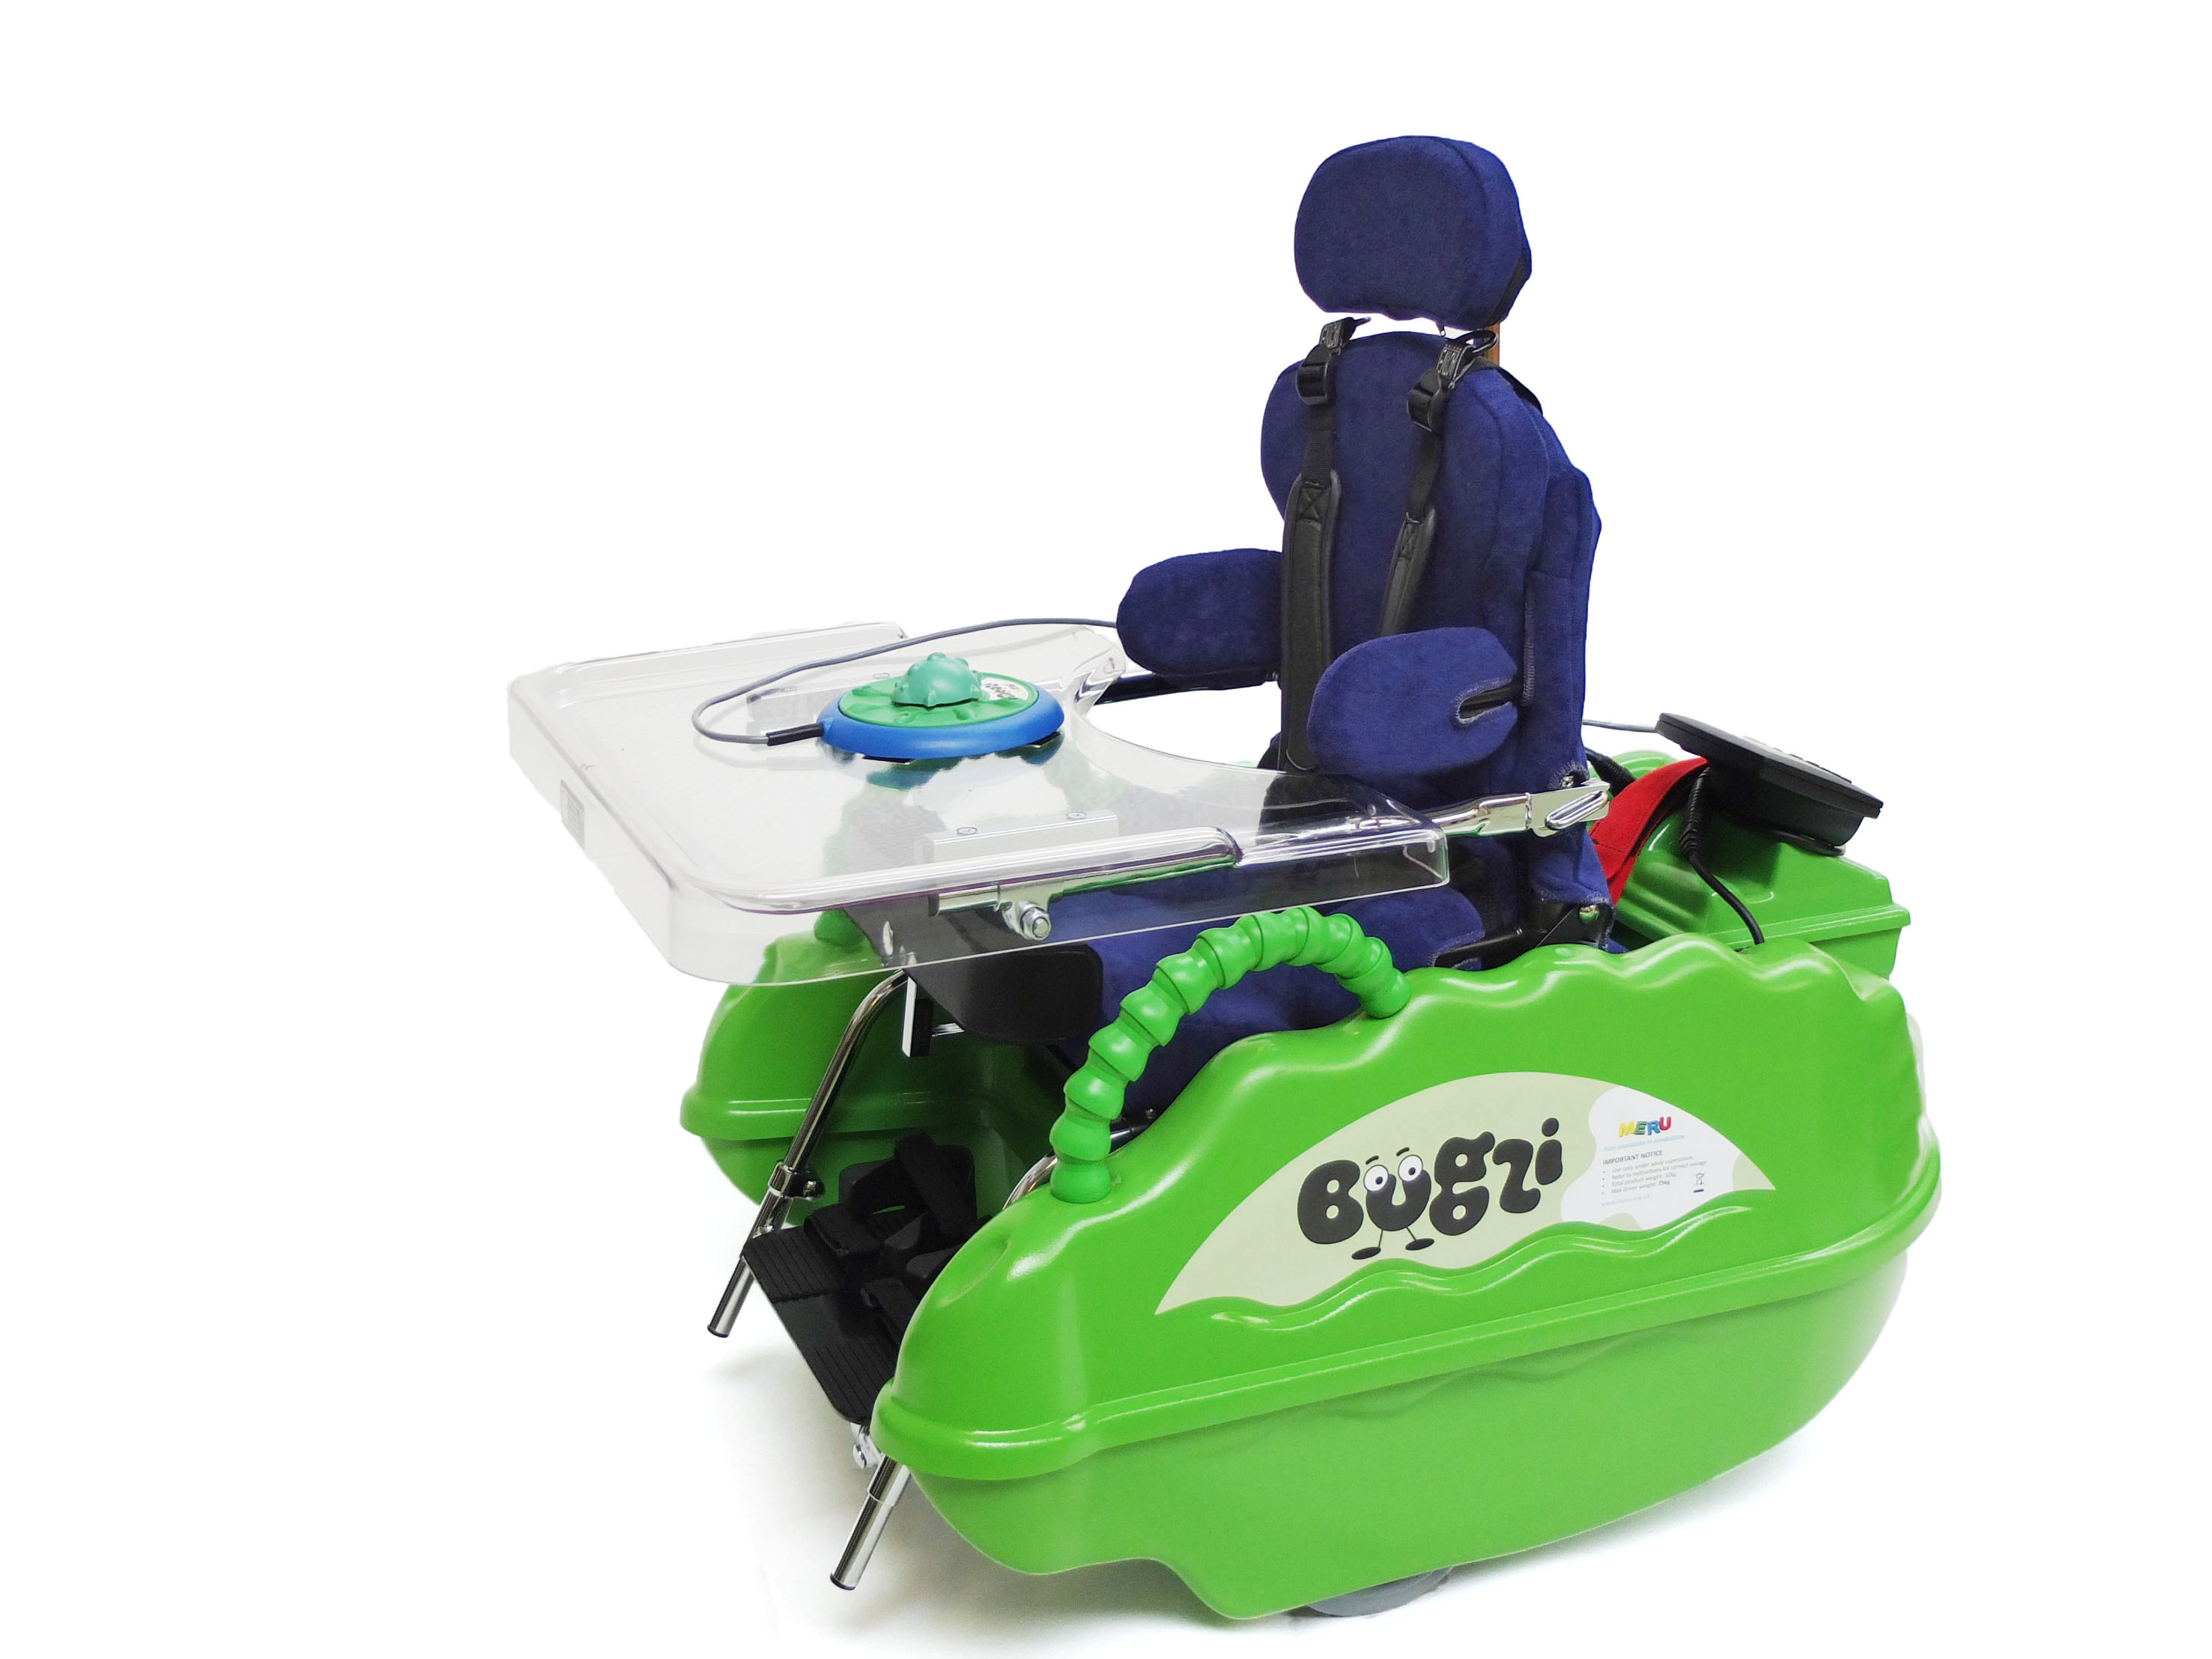 Bugzi powered wheechair